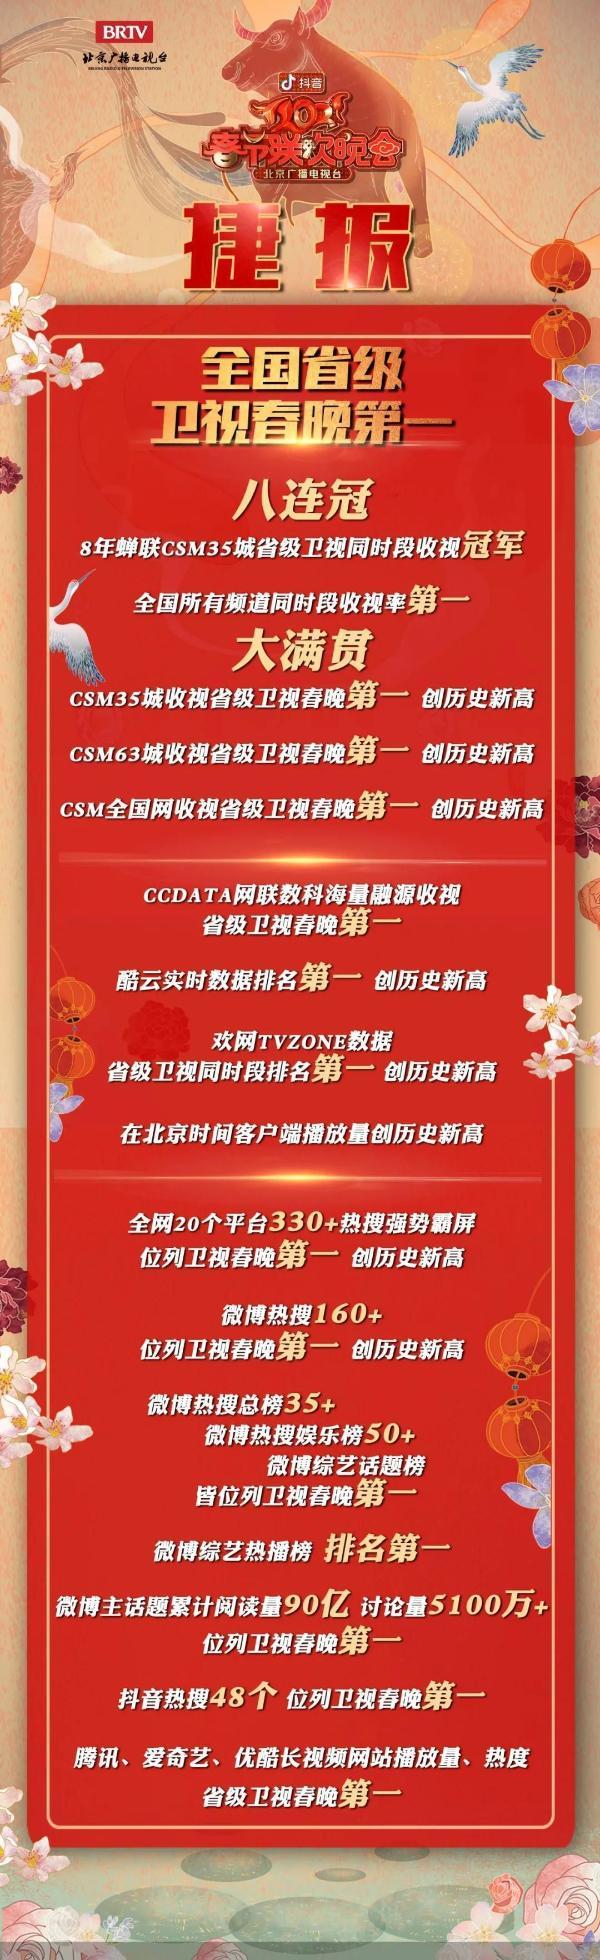 2021北京台春晚 八连冠大满贯 卫视春晚第一名!